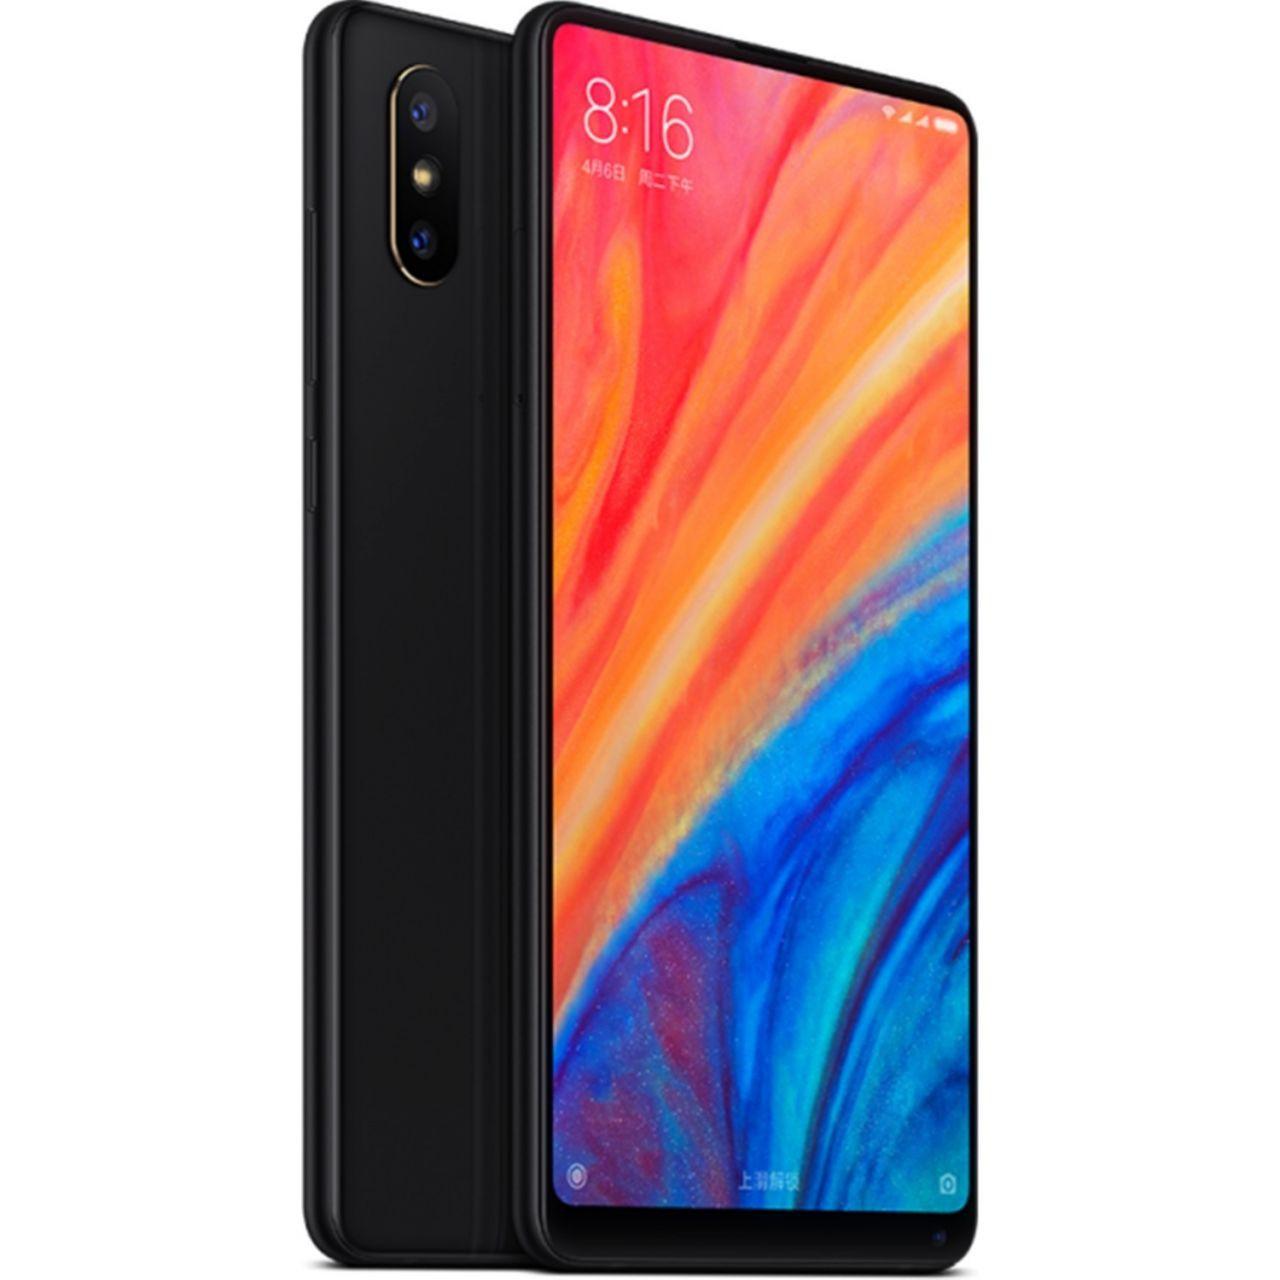 2500 – 3500 TL arası en iyi akıllı telefonlar – Ekim 2019 - Page 2